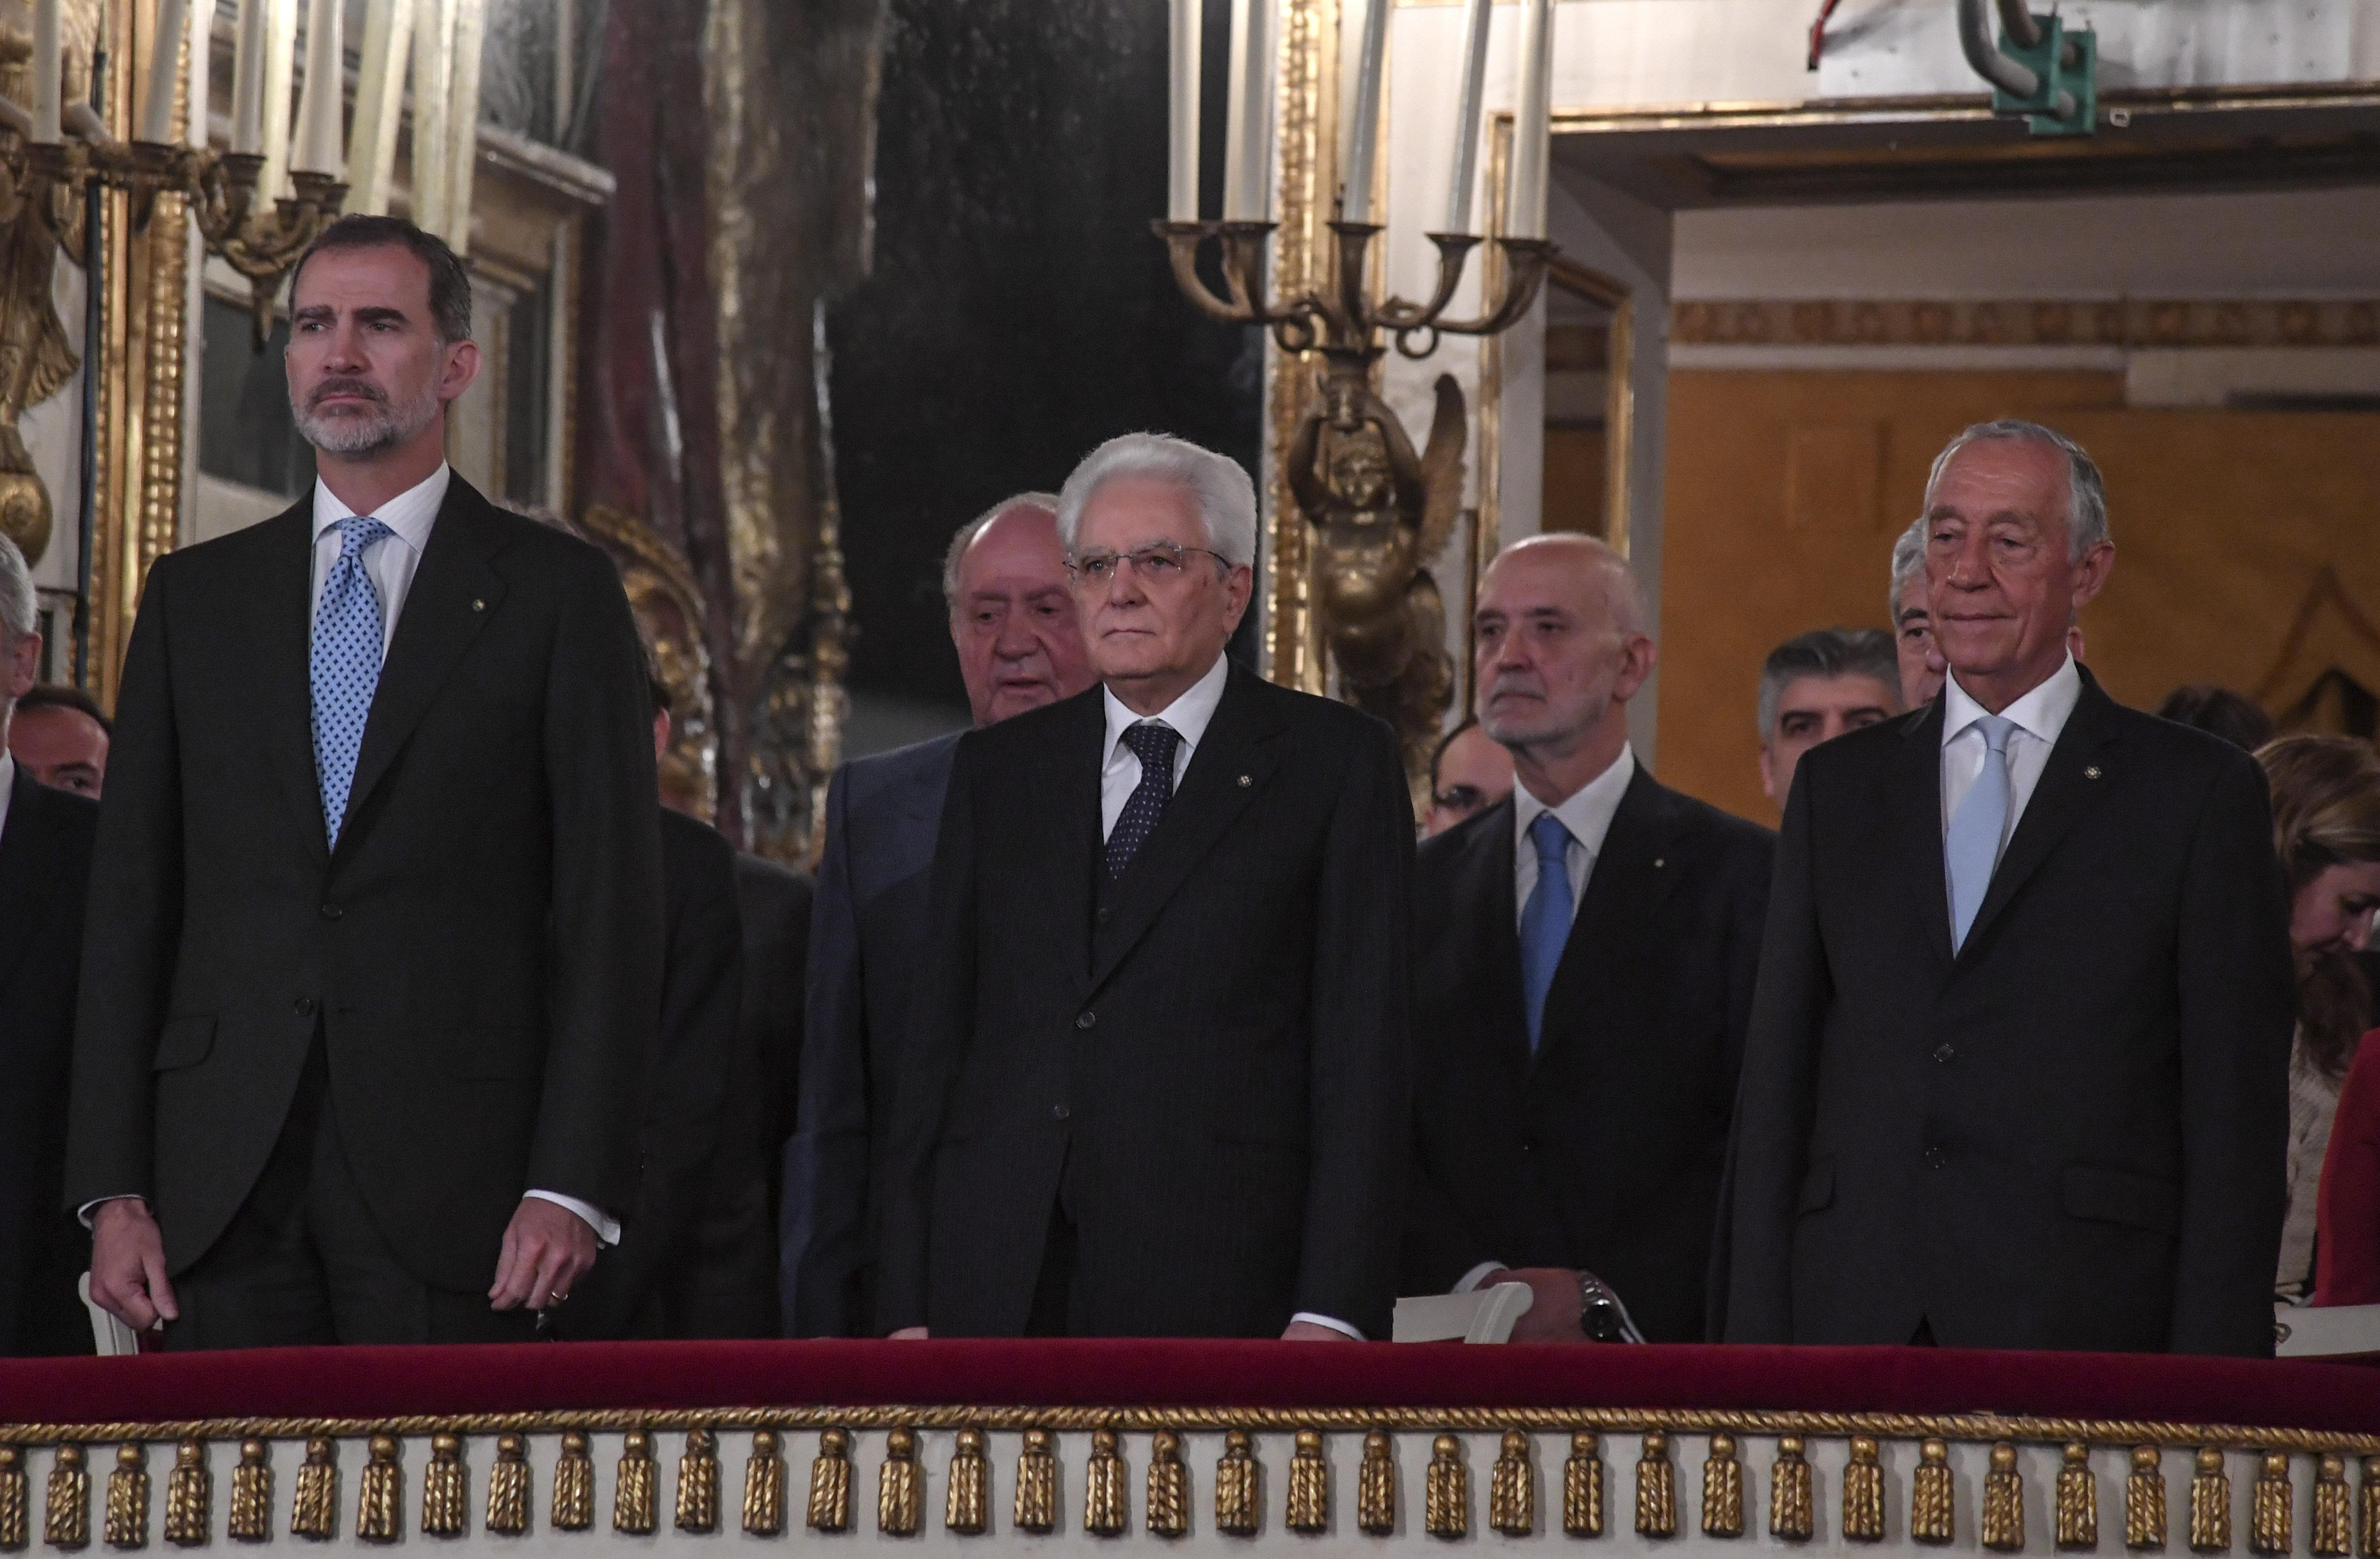 Gaffe al San Carlo di Napoli: per il Re di Spagna suona l'inno